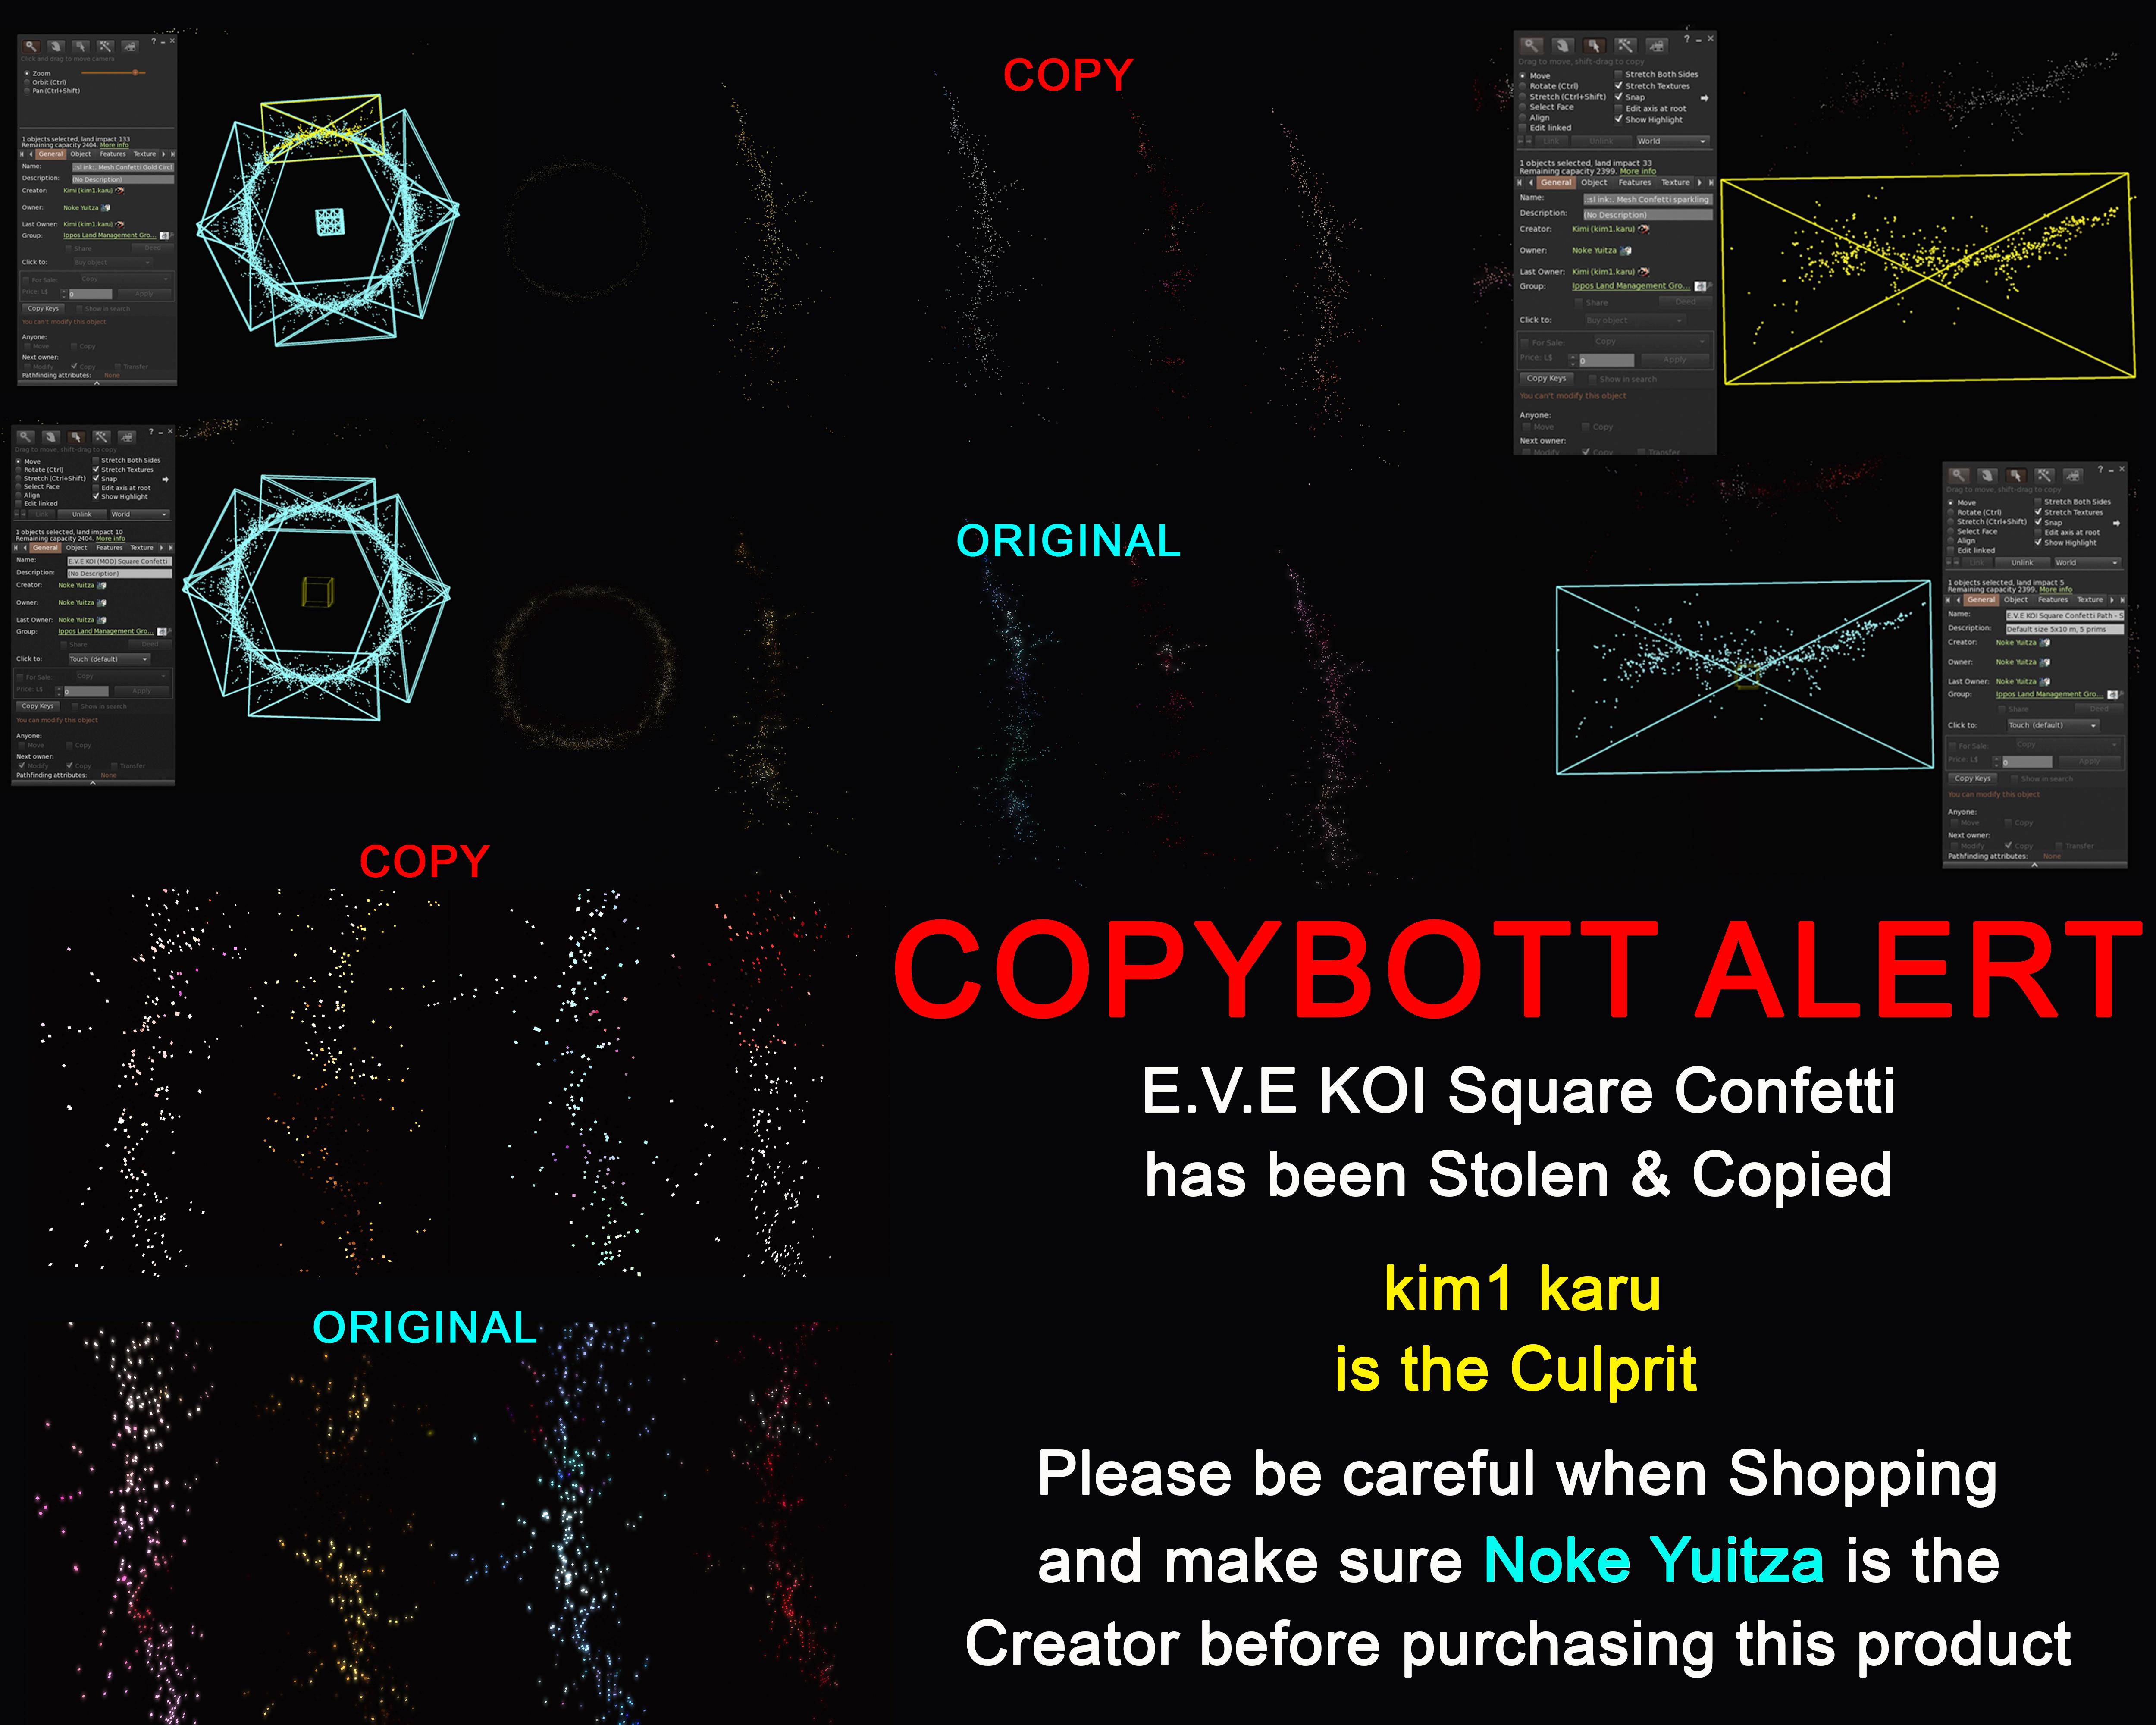 Copybott Alert... E.V.E KOI Square Confetti